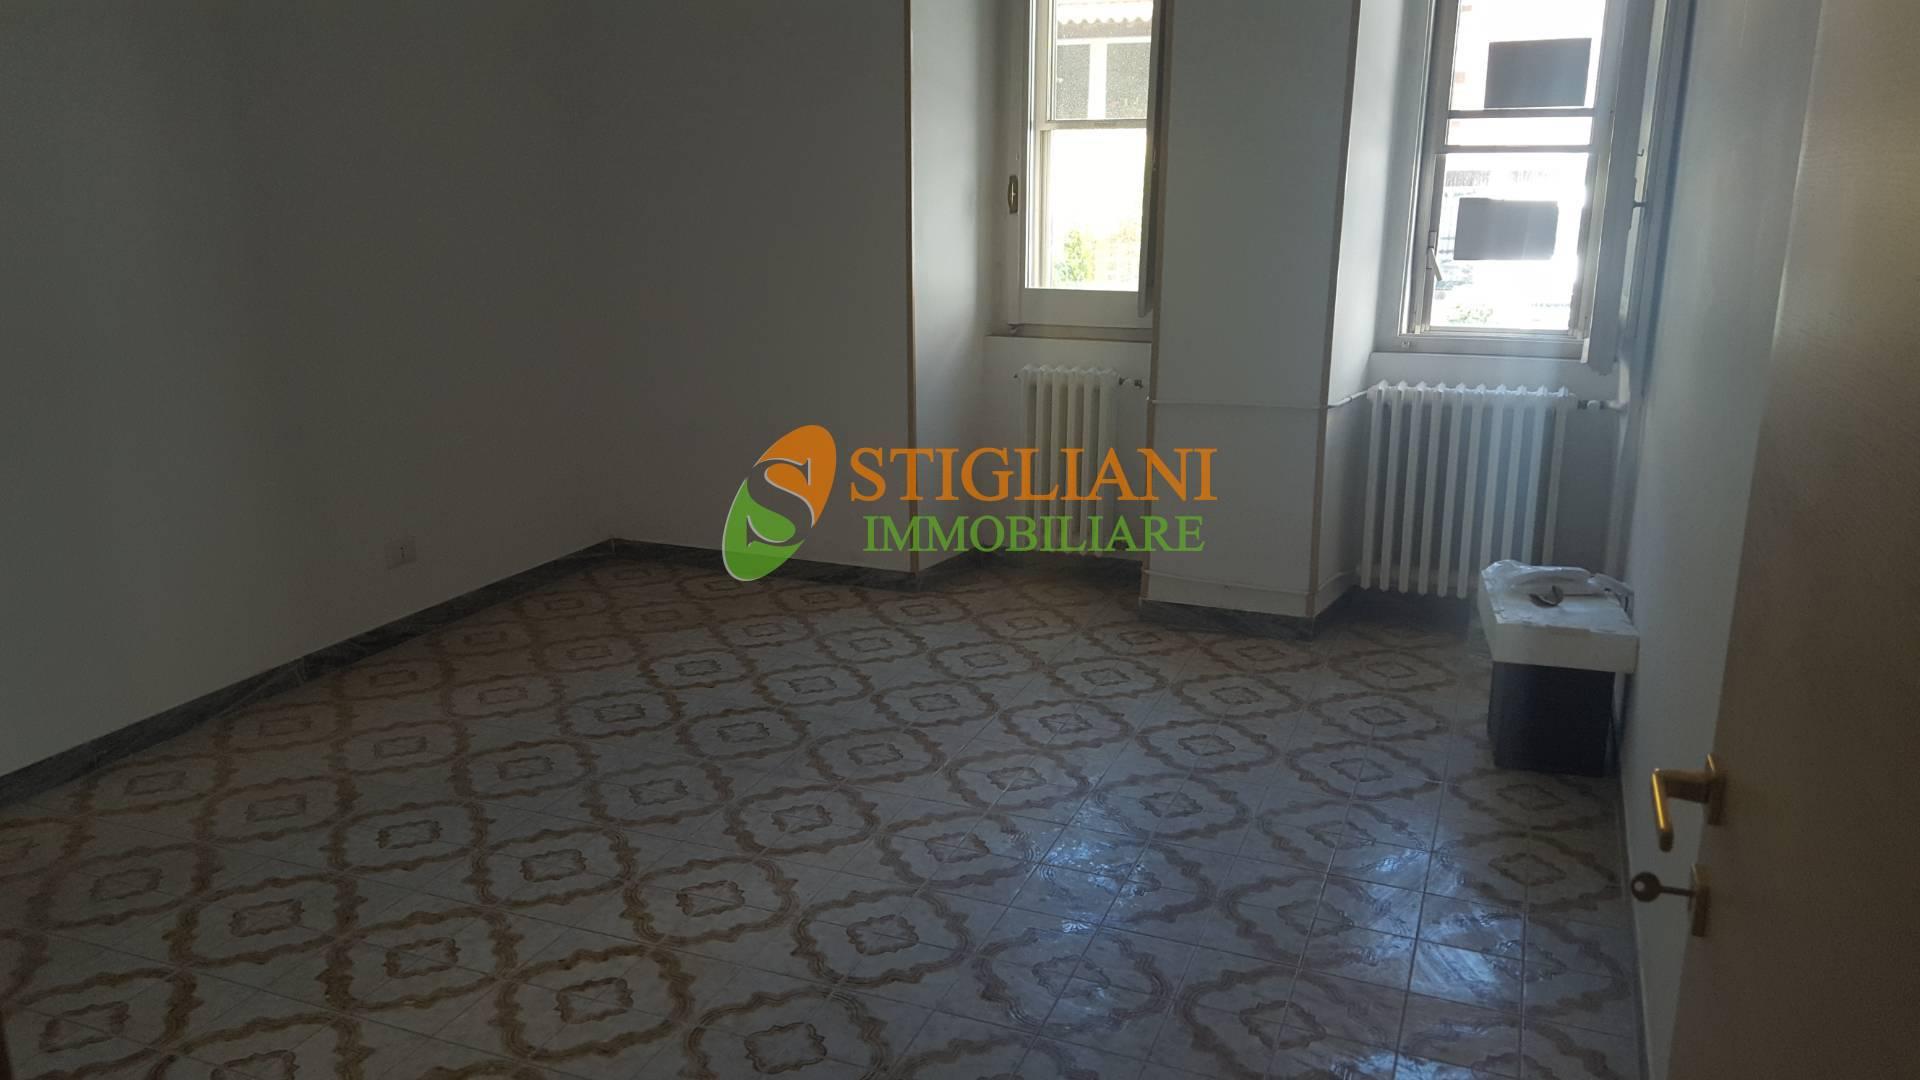 Ufficio / Studio in affitto a Campobasso, 9999 locali, zona Zona: Semicentro, Trattative riservate   CambioCasa.it